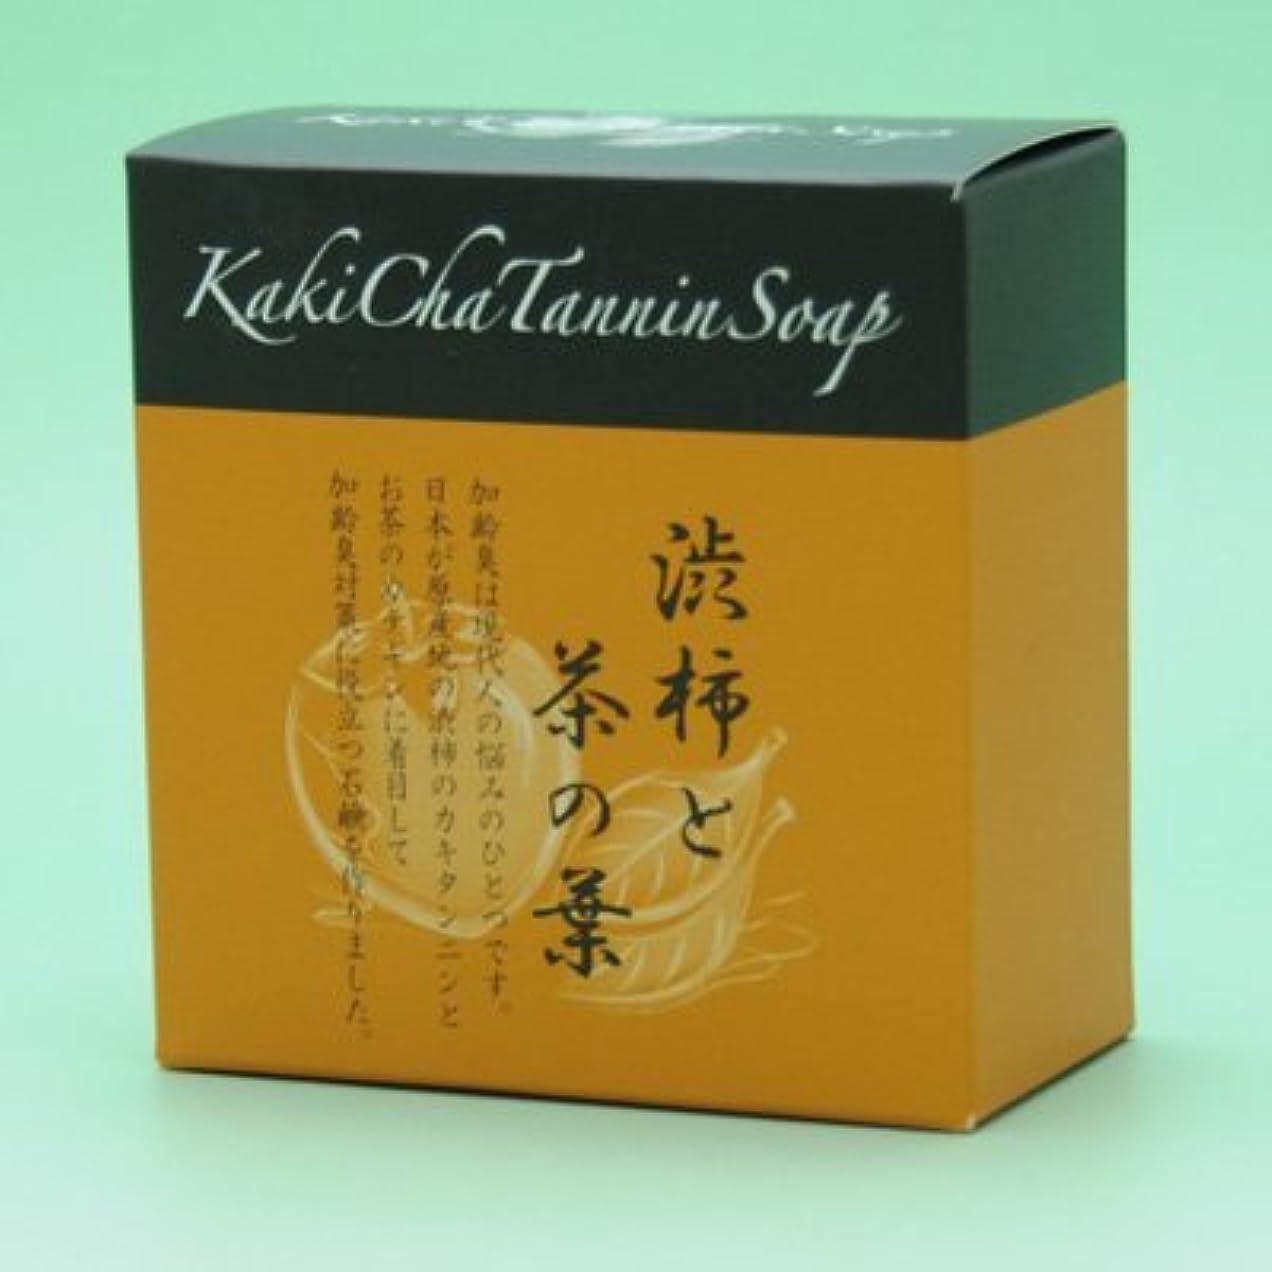 契約する拘束するお茶カキチャタンニンソープ 100g ×5個セット